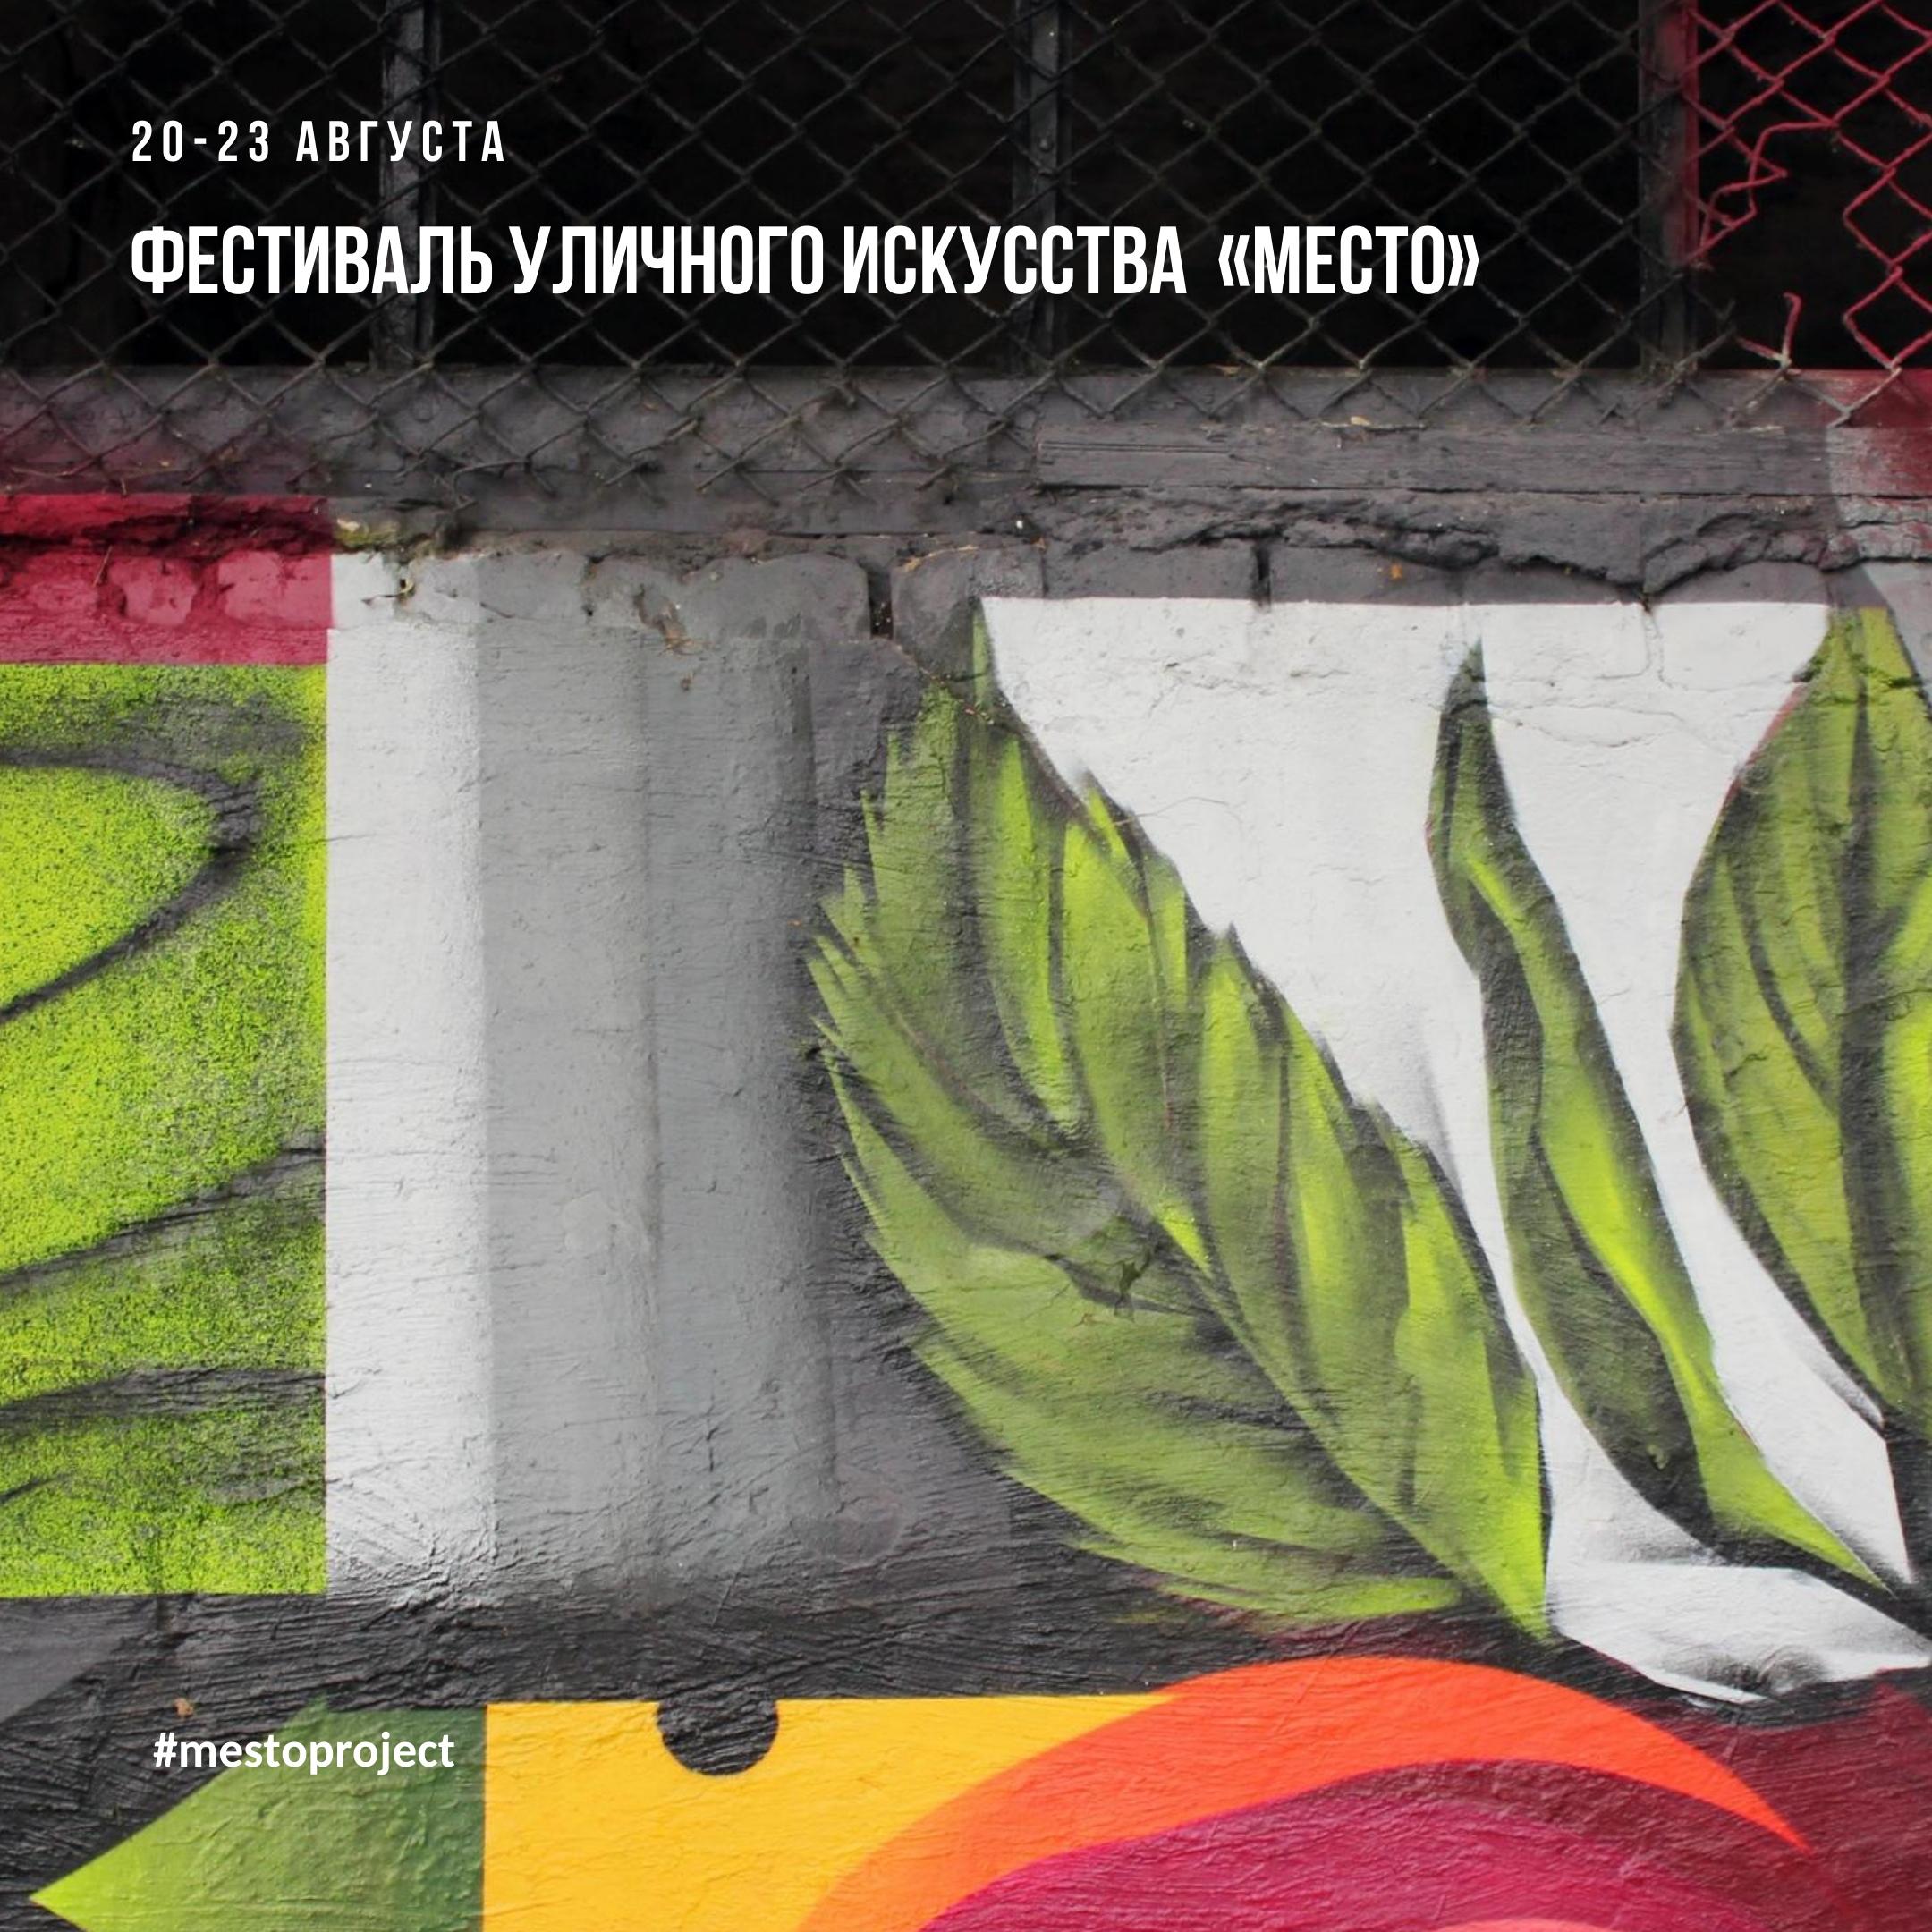 Фестиваль уличного искусства «Место» пройдет с 20 по 23 августа в Нижнем Новгороде